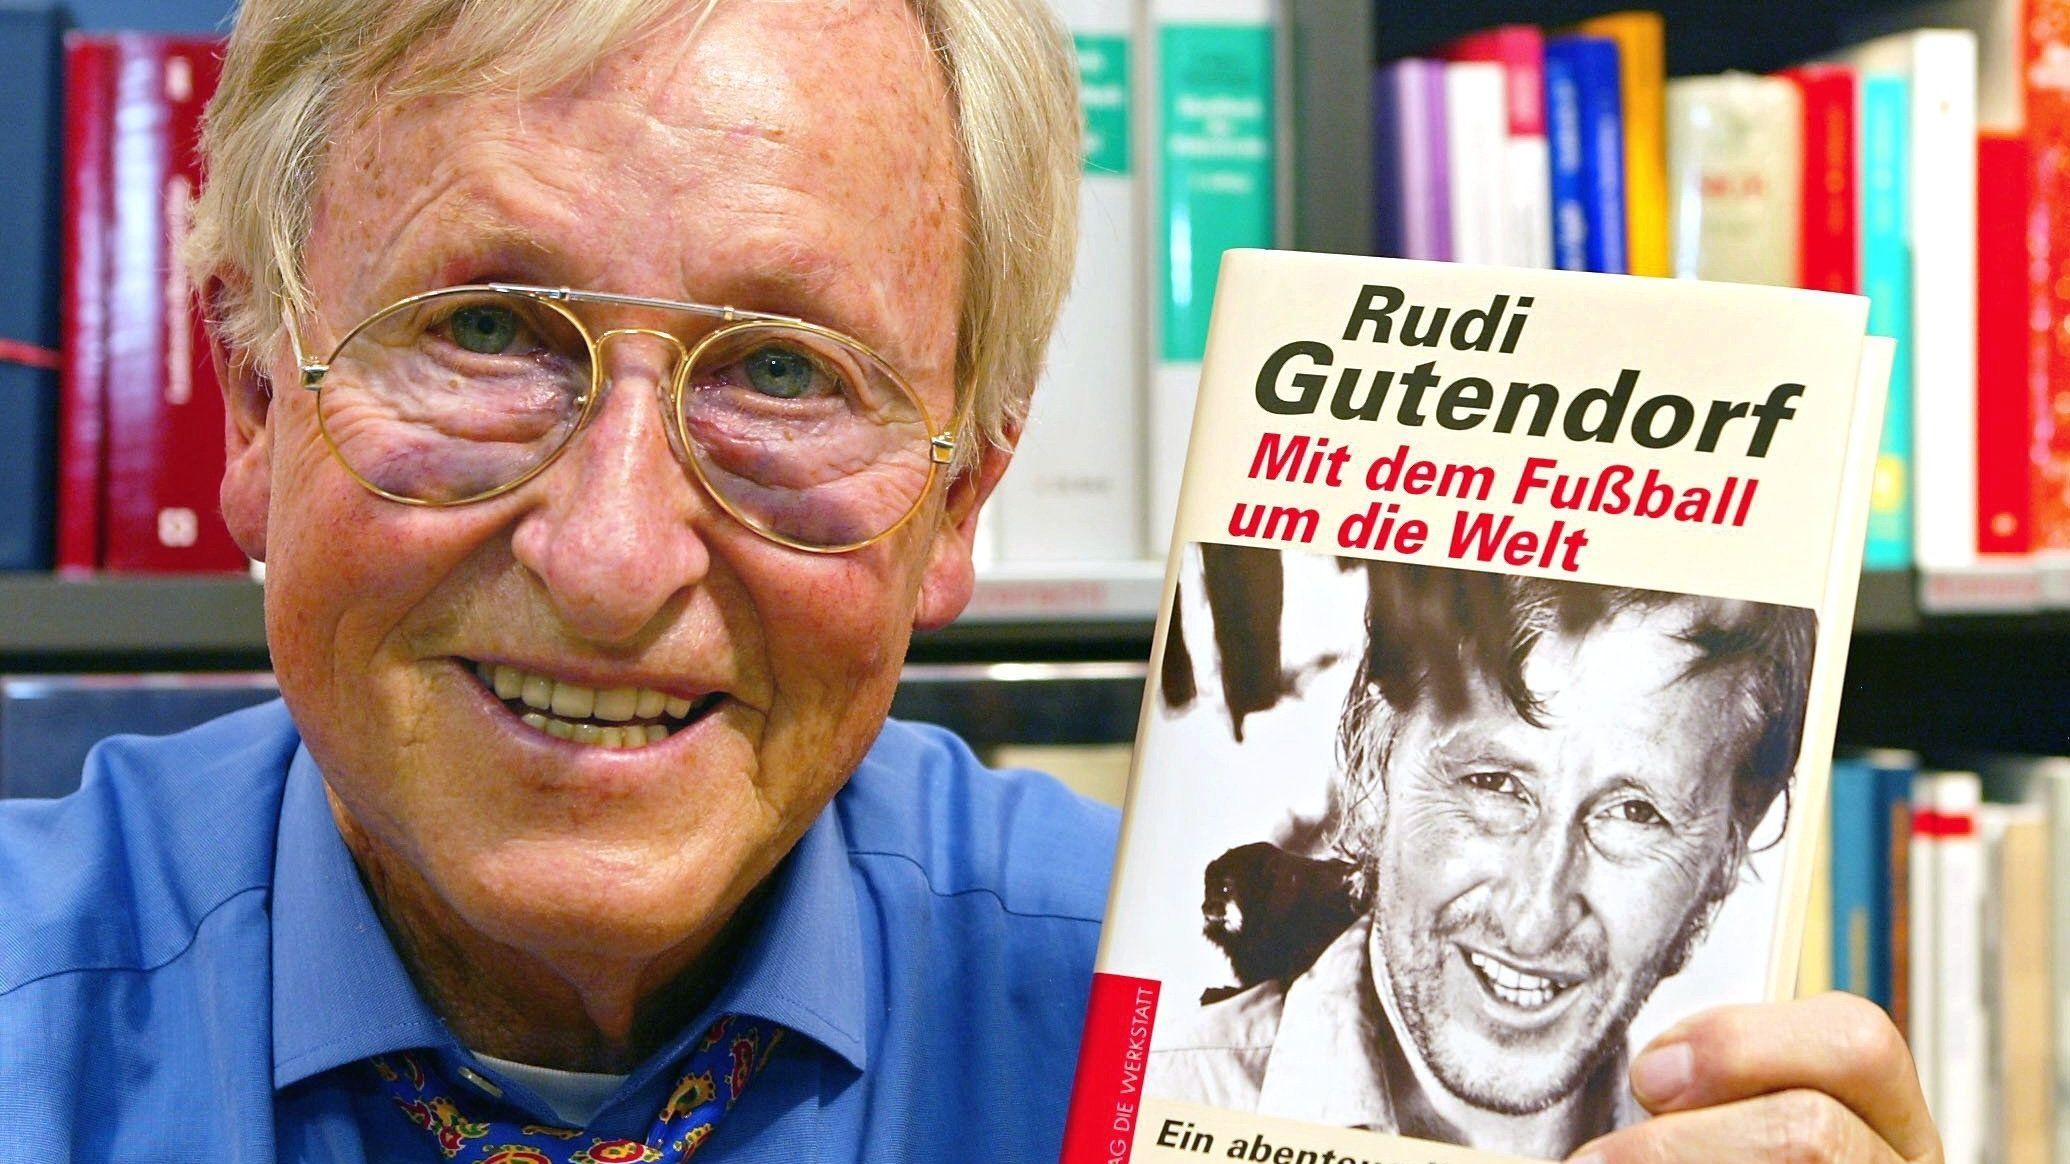 """Rudi Gutendorf mit seiner Autobiografie, die den Untertitel """"Ein abenteuerliches Leben"""" trägt."""